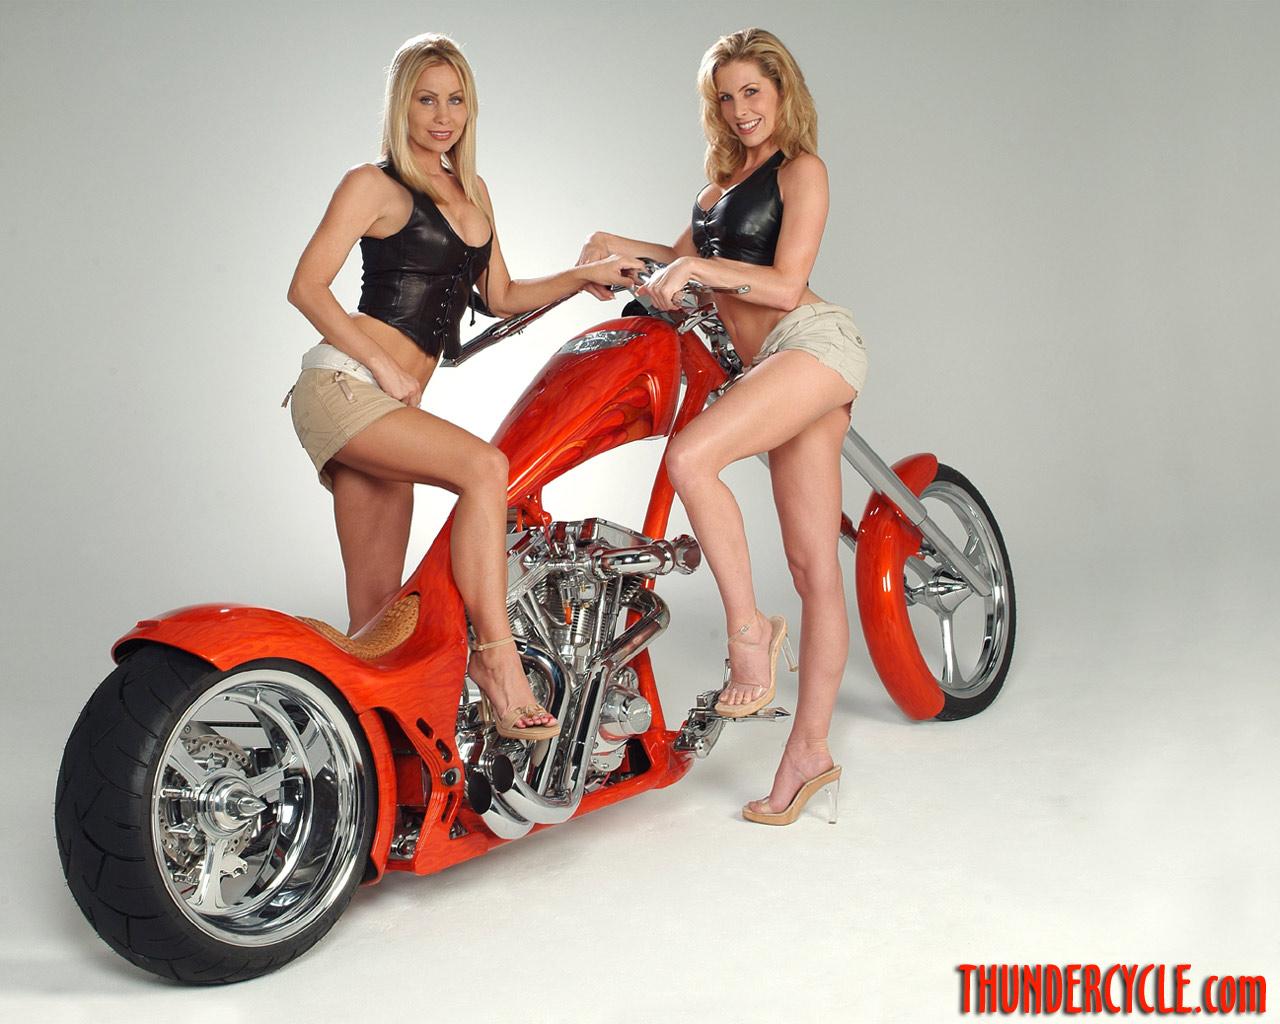 bike-girl-custom-thunder-chopper-and-girls-249150